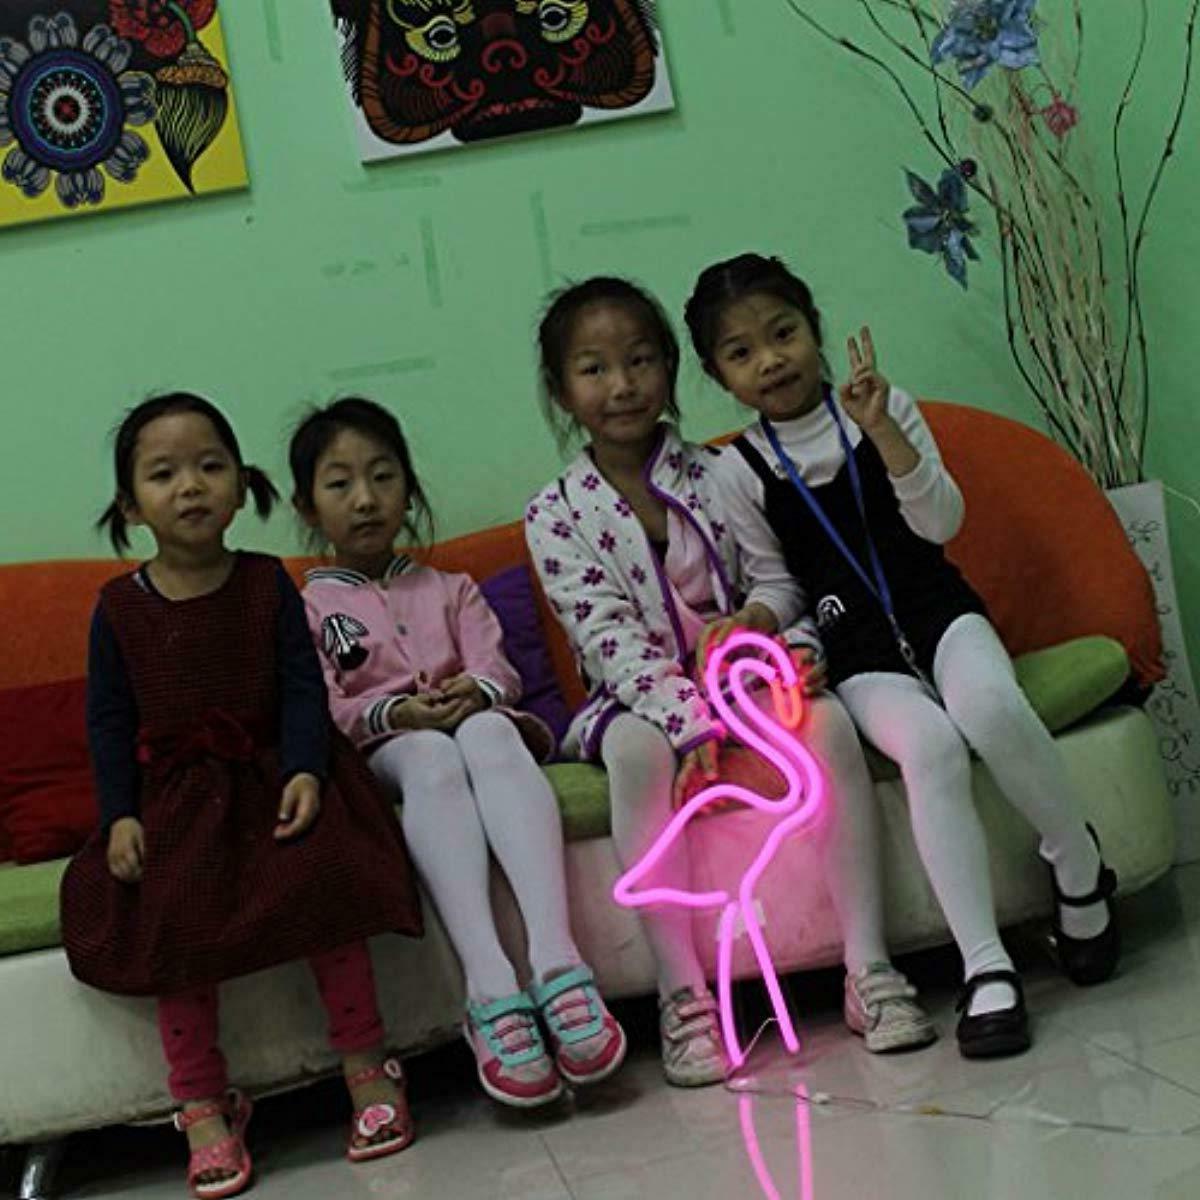 Handmade Signs,Flamingo Light Sign Remote Co